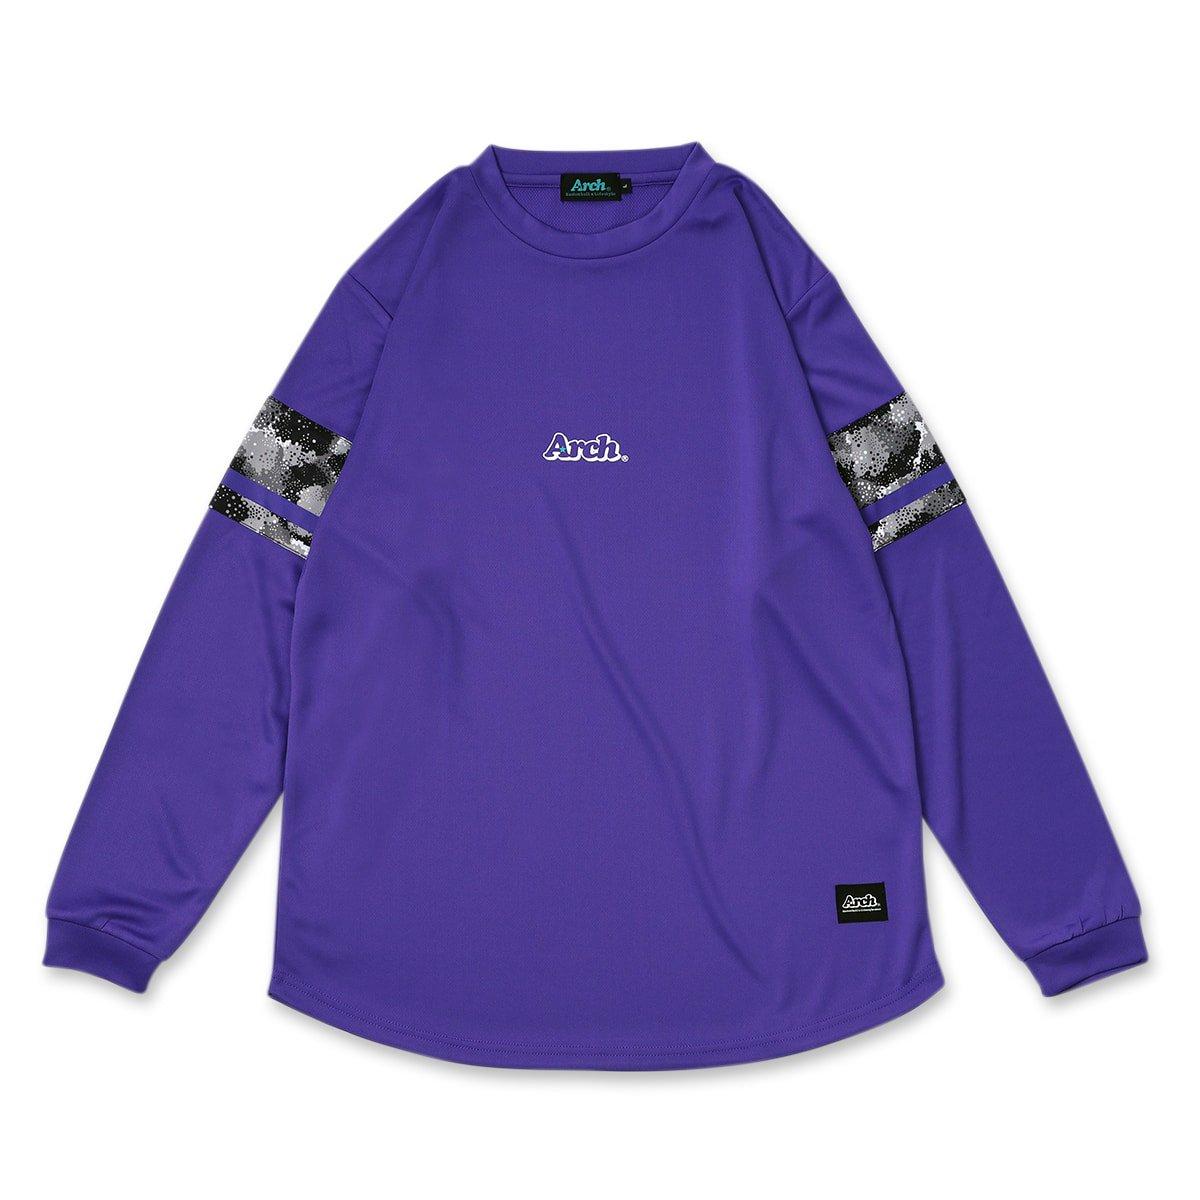 スリーブスプレーカモ L/S Tシャツ パープル